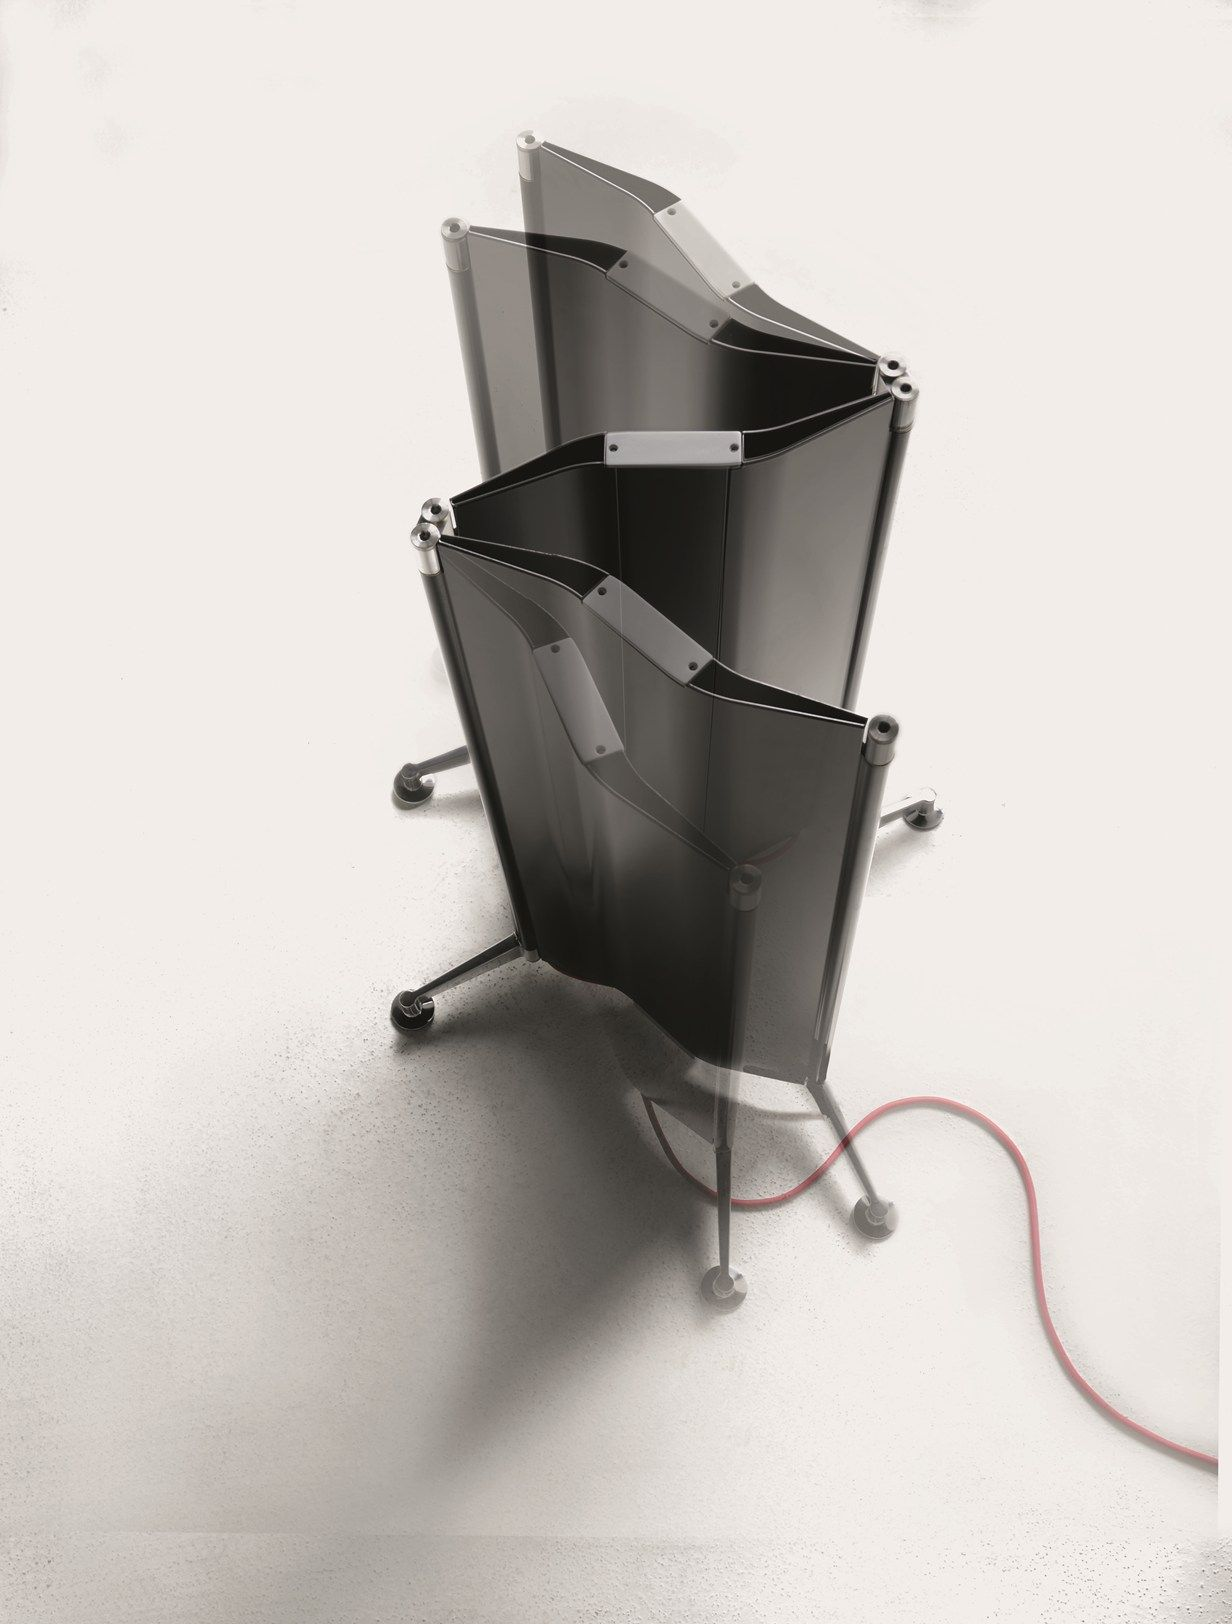 Origami premiato con il Good Design Award 2016